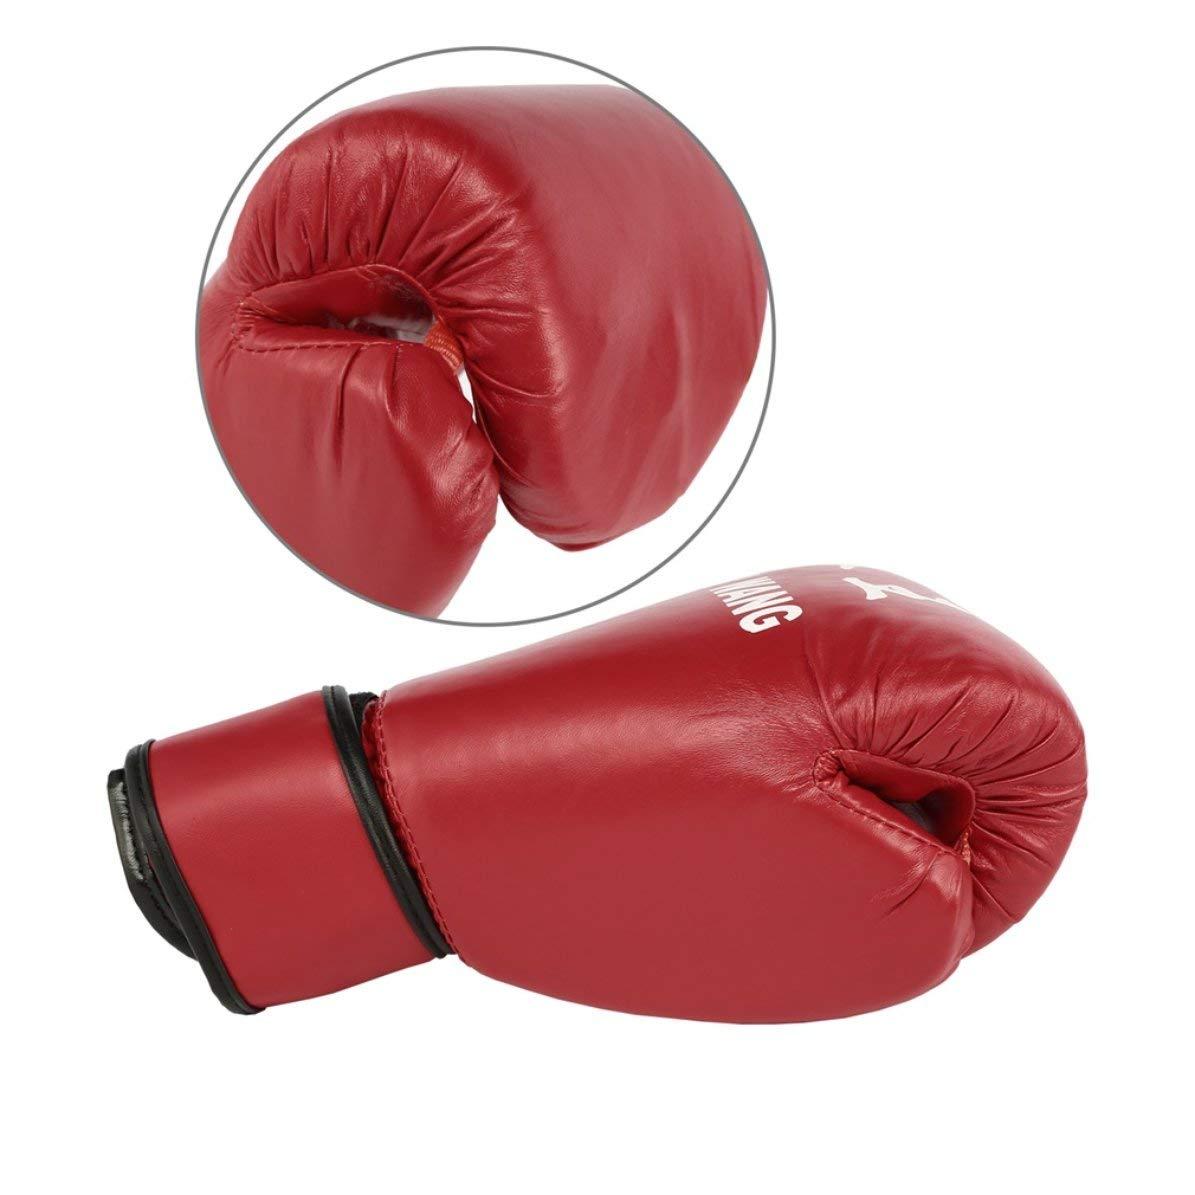 Guantes de Boxeo para Adultos Rojos y Negros Guantes de Saco de Arena Profesionales Guantes de Kickboxing Pugilismo Hombres Mujeres Entrenamiento Herramienta de Lucha Rojo WEIWEITOE